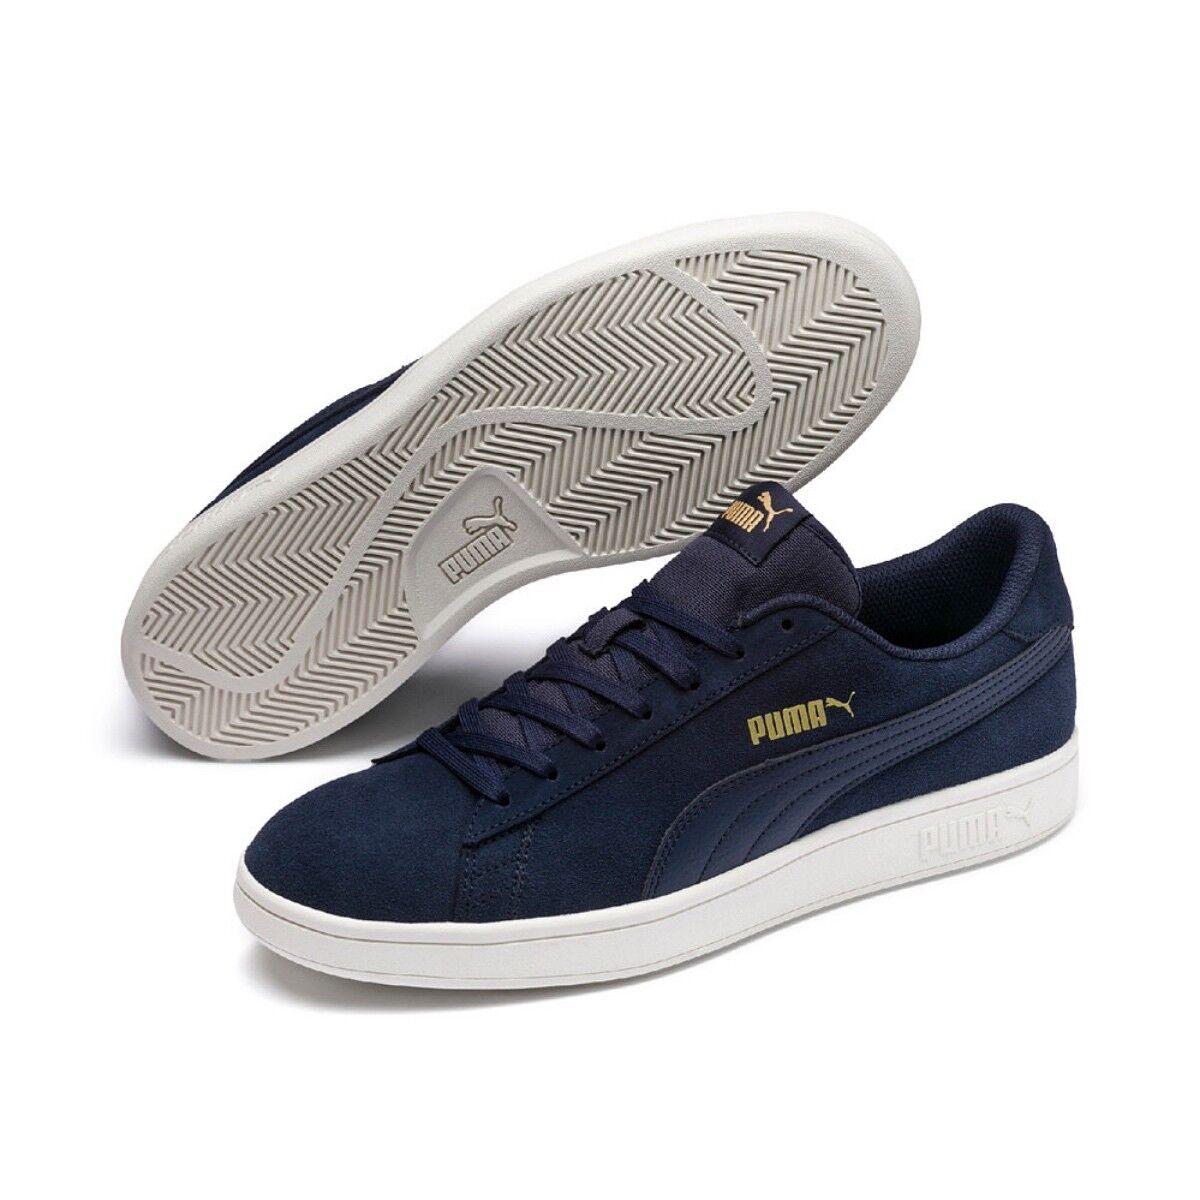 PUMA Smash v2 Unisex Unisex Unisex Adulti scarpe da ginnastica Scarpe da ginnastica retrò 364989 Peacoat 667a72